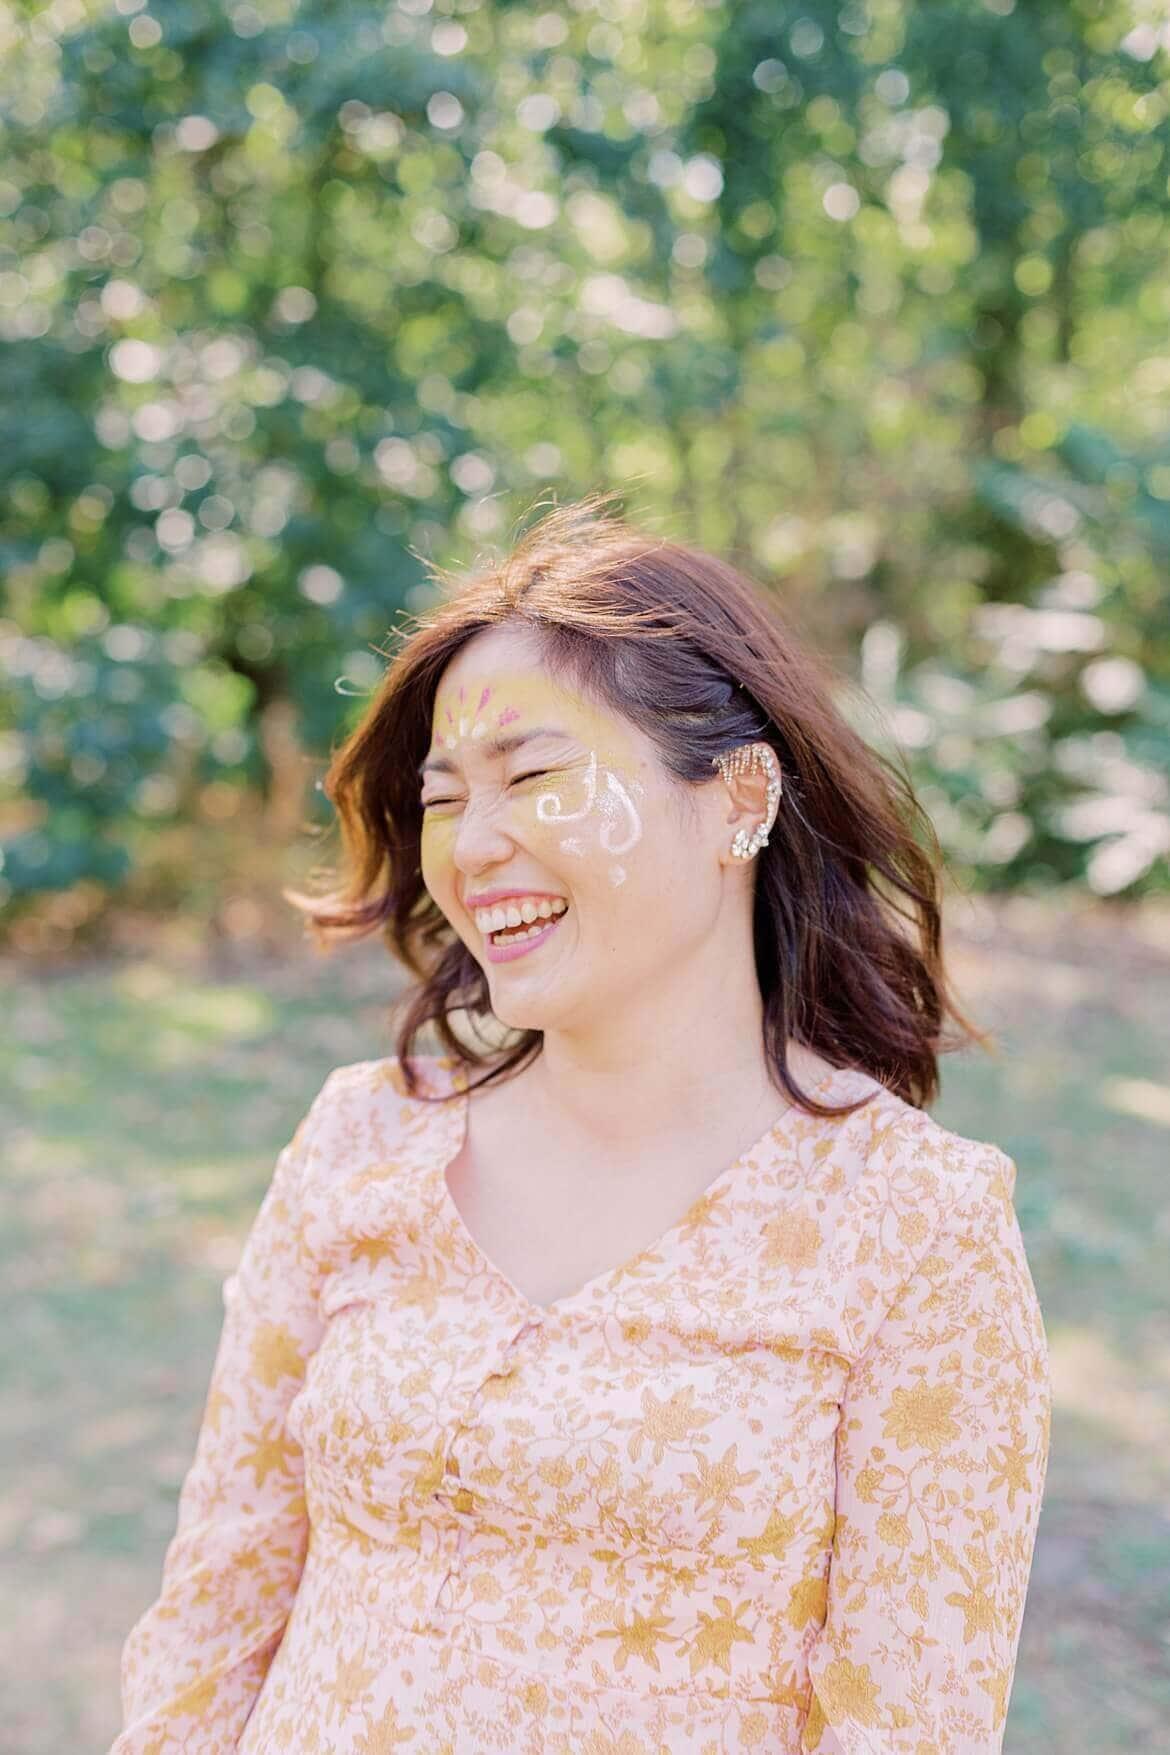 Frau lacht herzhaft im Park